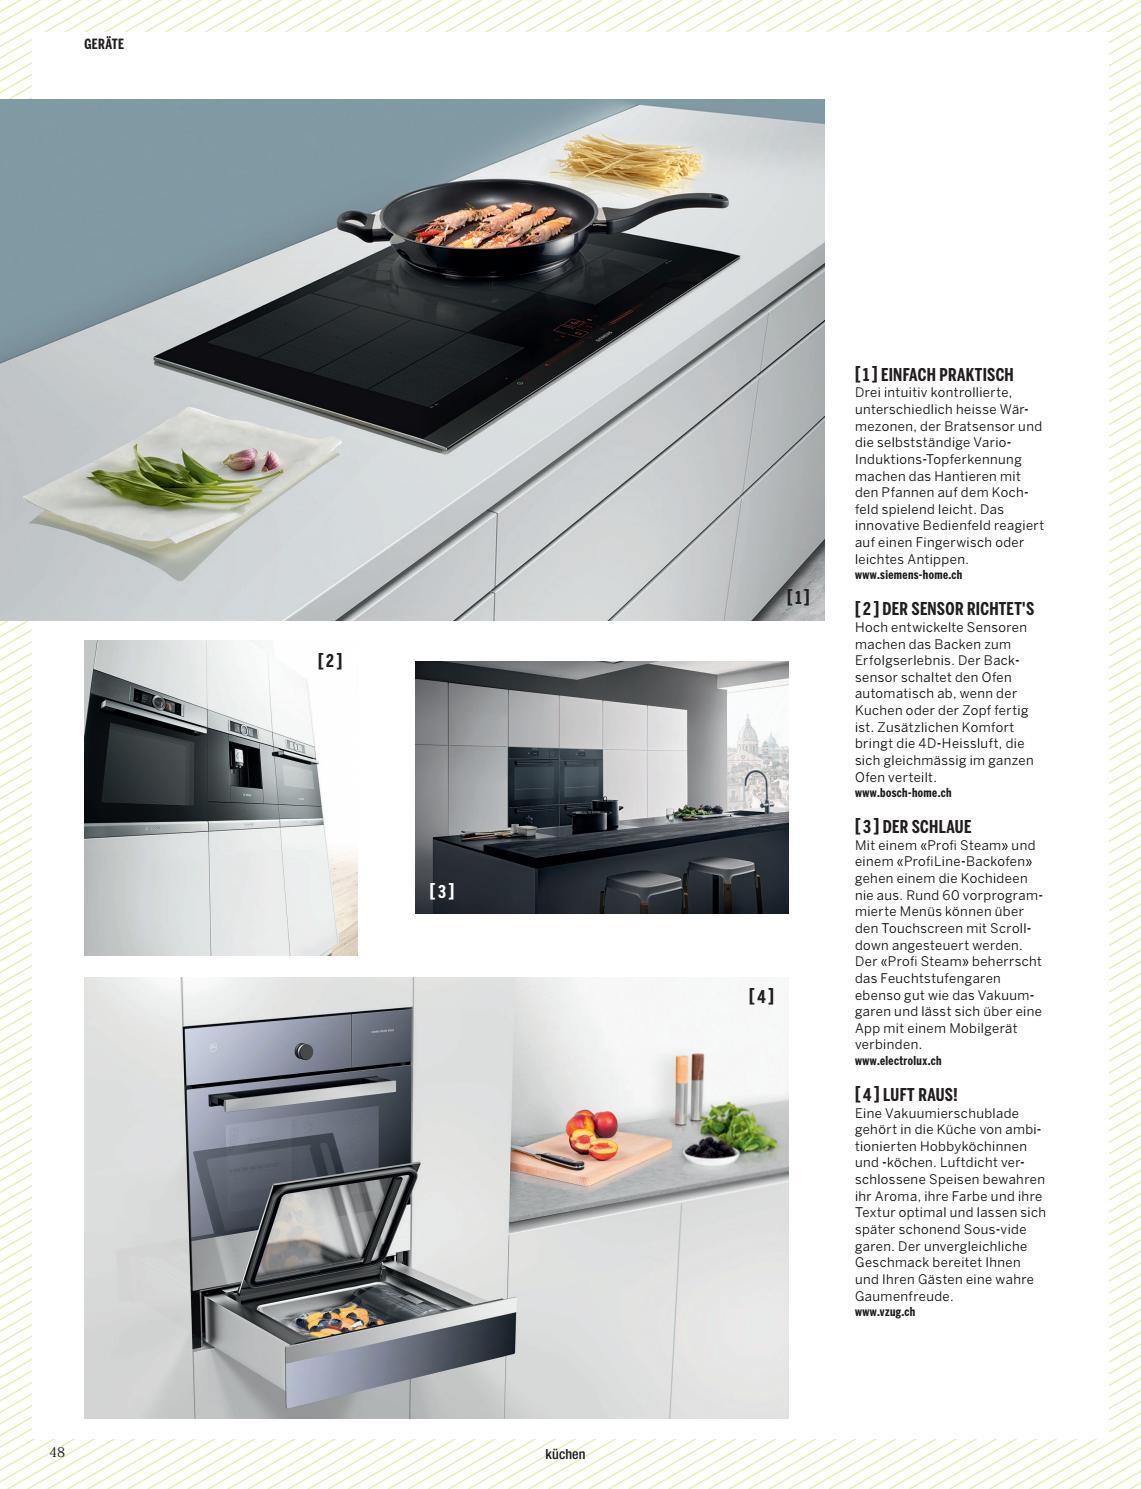 Fantastisch 50s Küche Ideen Zeitgenössisch - Küchen Ideen Modern ...